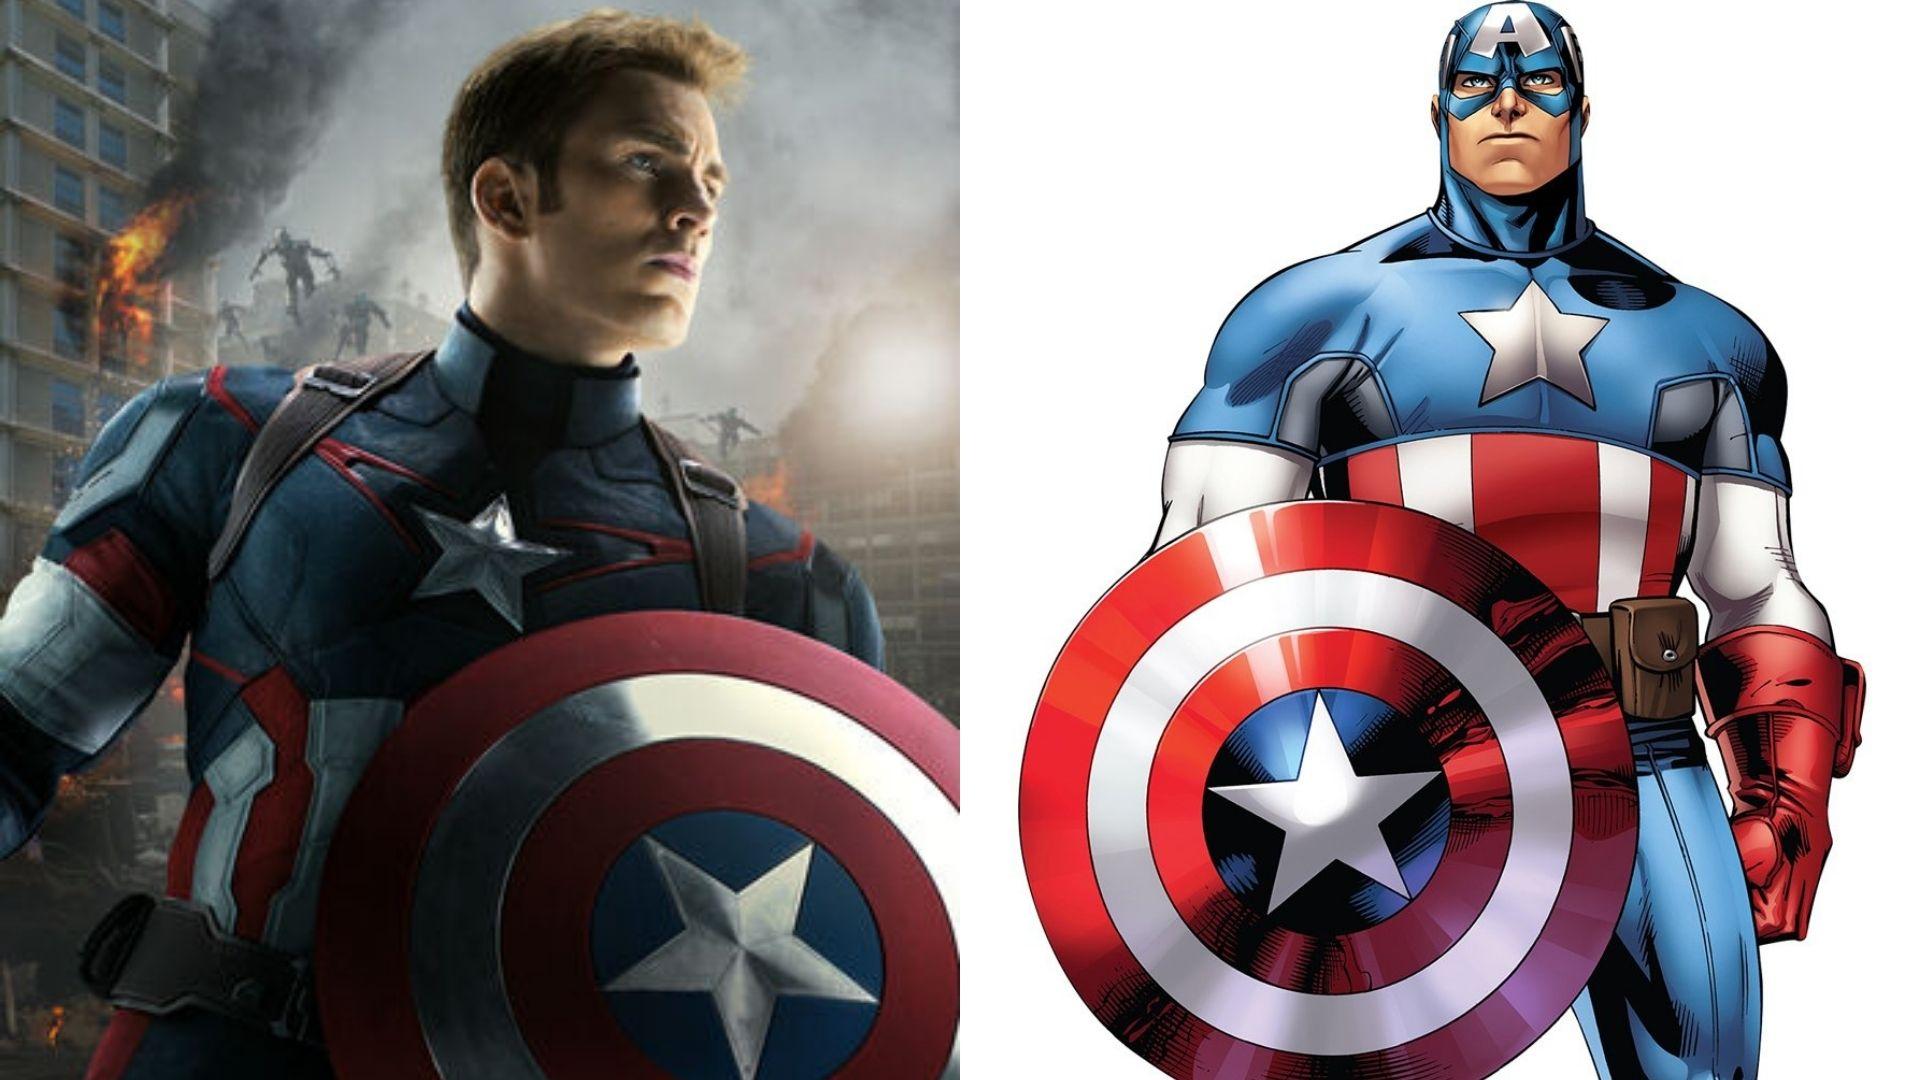 【アベンジャーズ】キャプテン・アメリカの強さ・能力について解説!【マーベル原作】